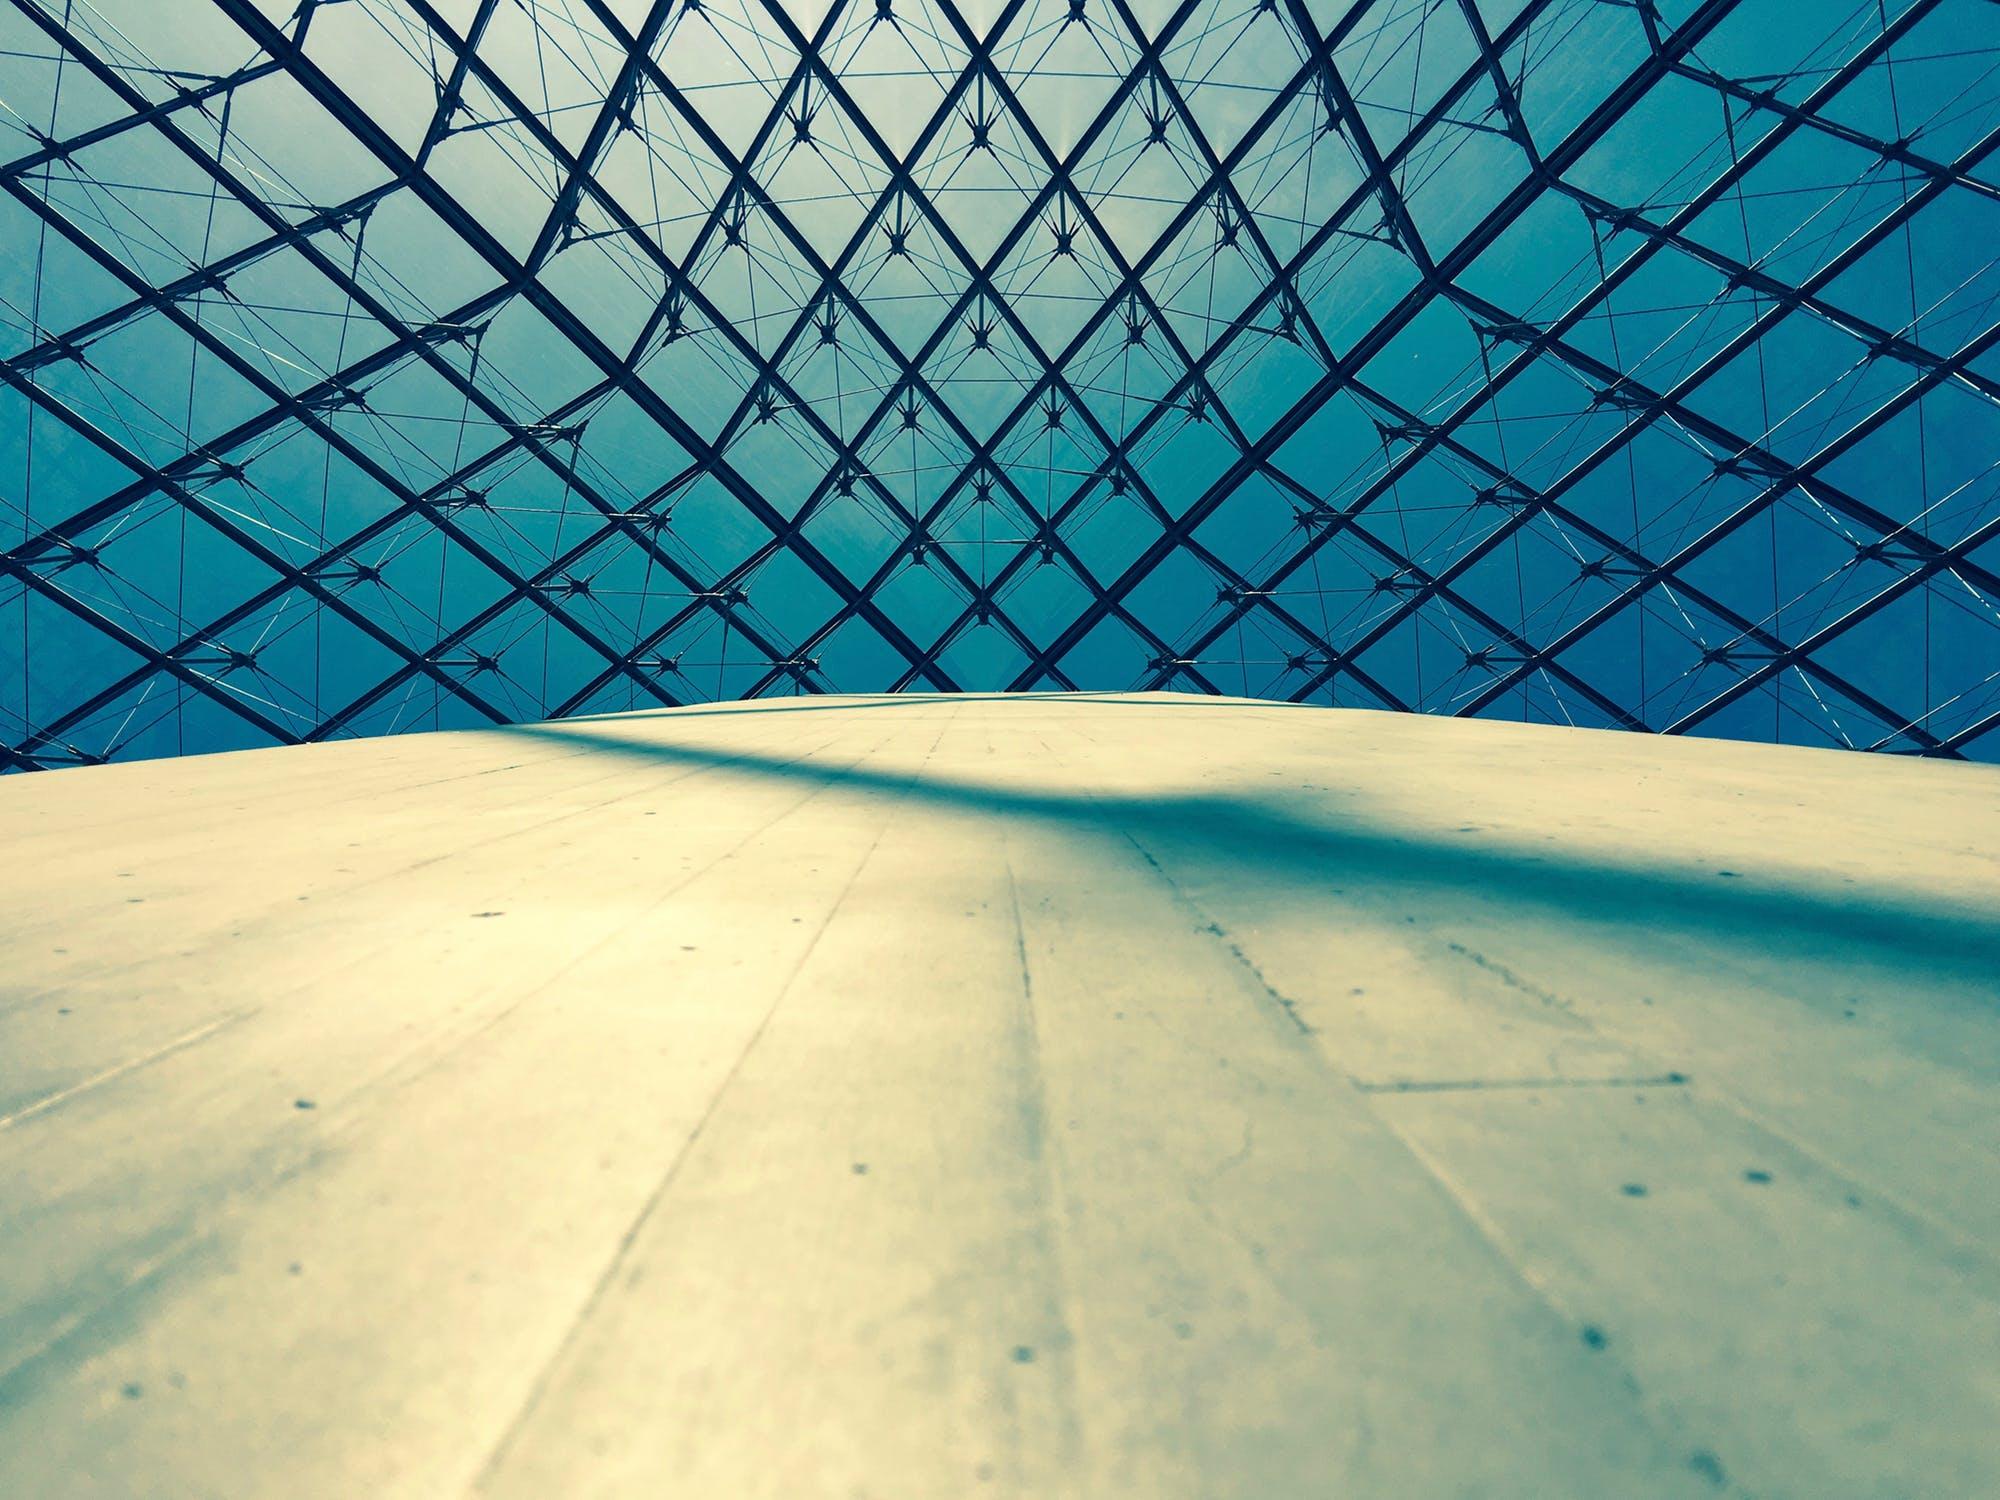 pexels-photo-440313